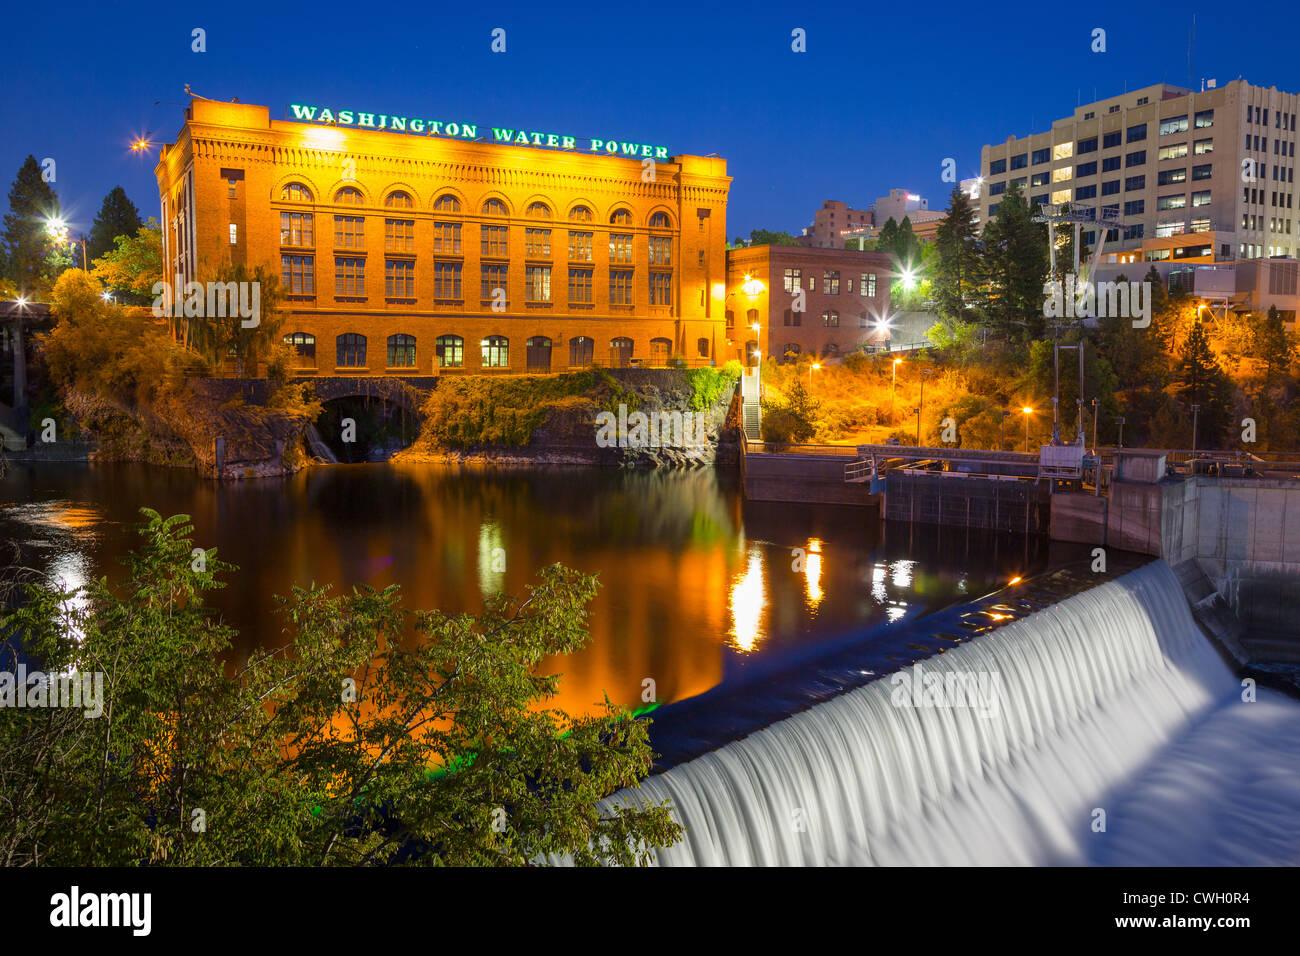 Washington il potere di acqua edificio in Spokane Washington di notte Immagini Stock